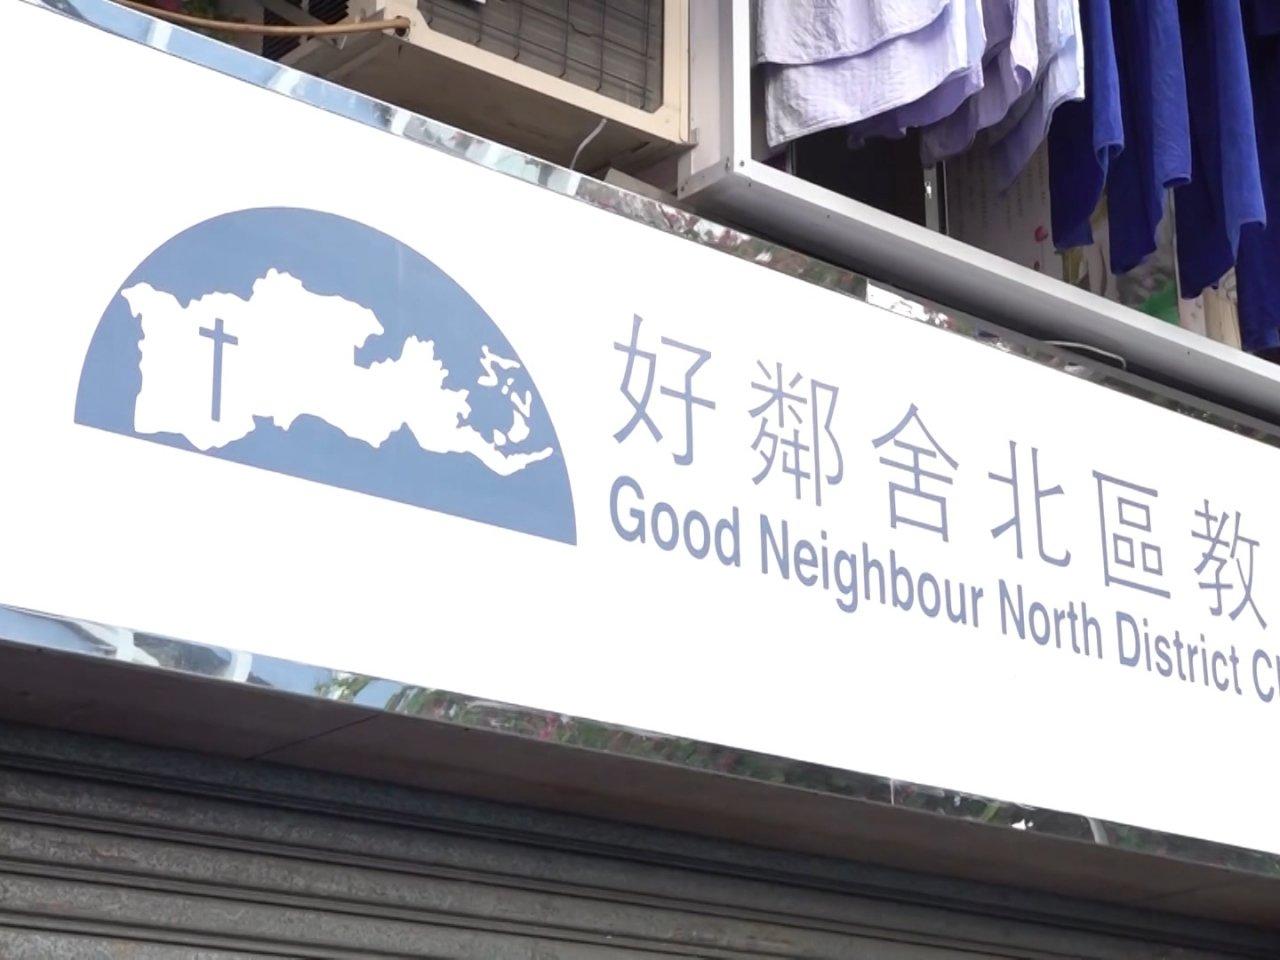 香港警方12月8日罕有地到好鄰舍北區教會搜查,並以涉嫌欺詐及洗黑錢罪拘捕一名前女董事和現任員工,並通緝團體現時身在海外的董事夫婦。(RTHK)